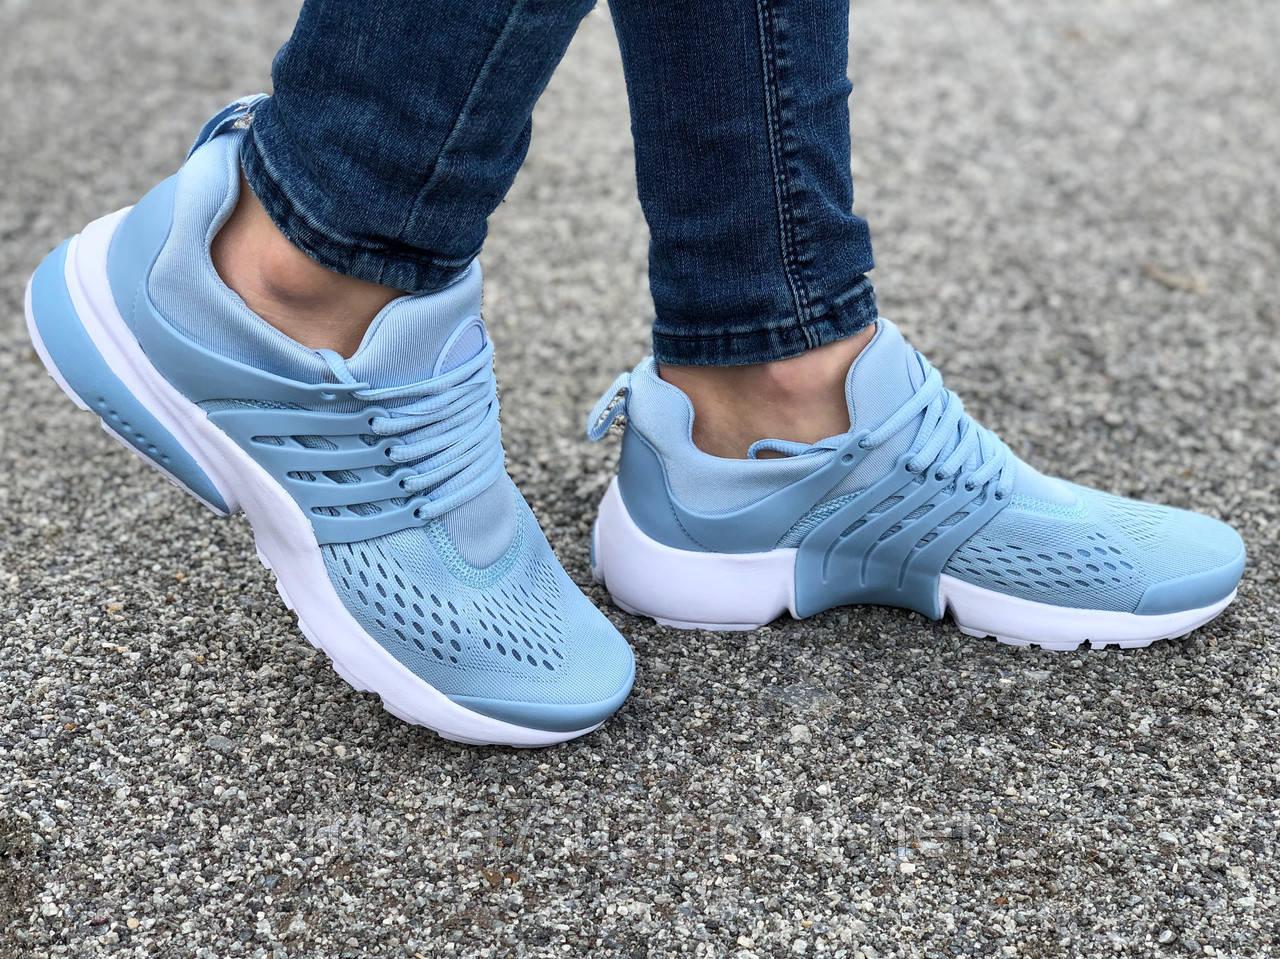 Кроссовки женские подростковые голубые Nike Presto реплика